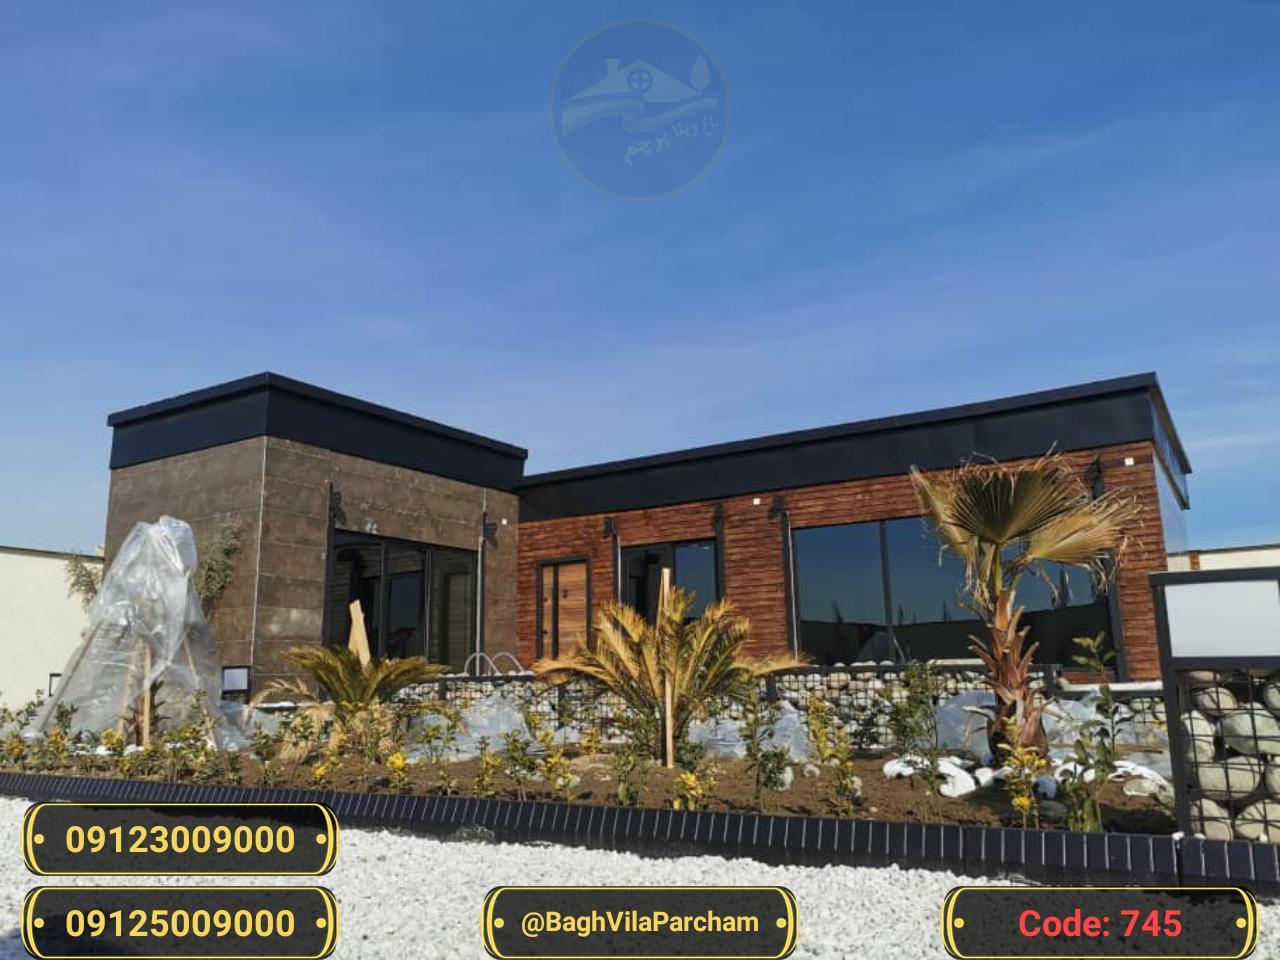 تصویر عکس باغ ویلا شماره 2 از ویلای ۴۵۰ متر ویلا مدرن و شیک Picture photo image 2 of ۴۵۰ متر ویلا مدرن و شیک